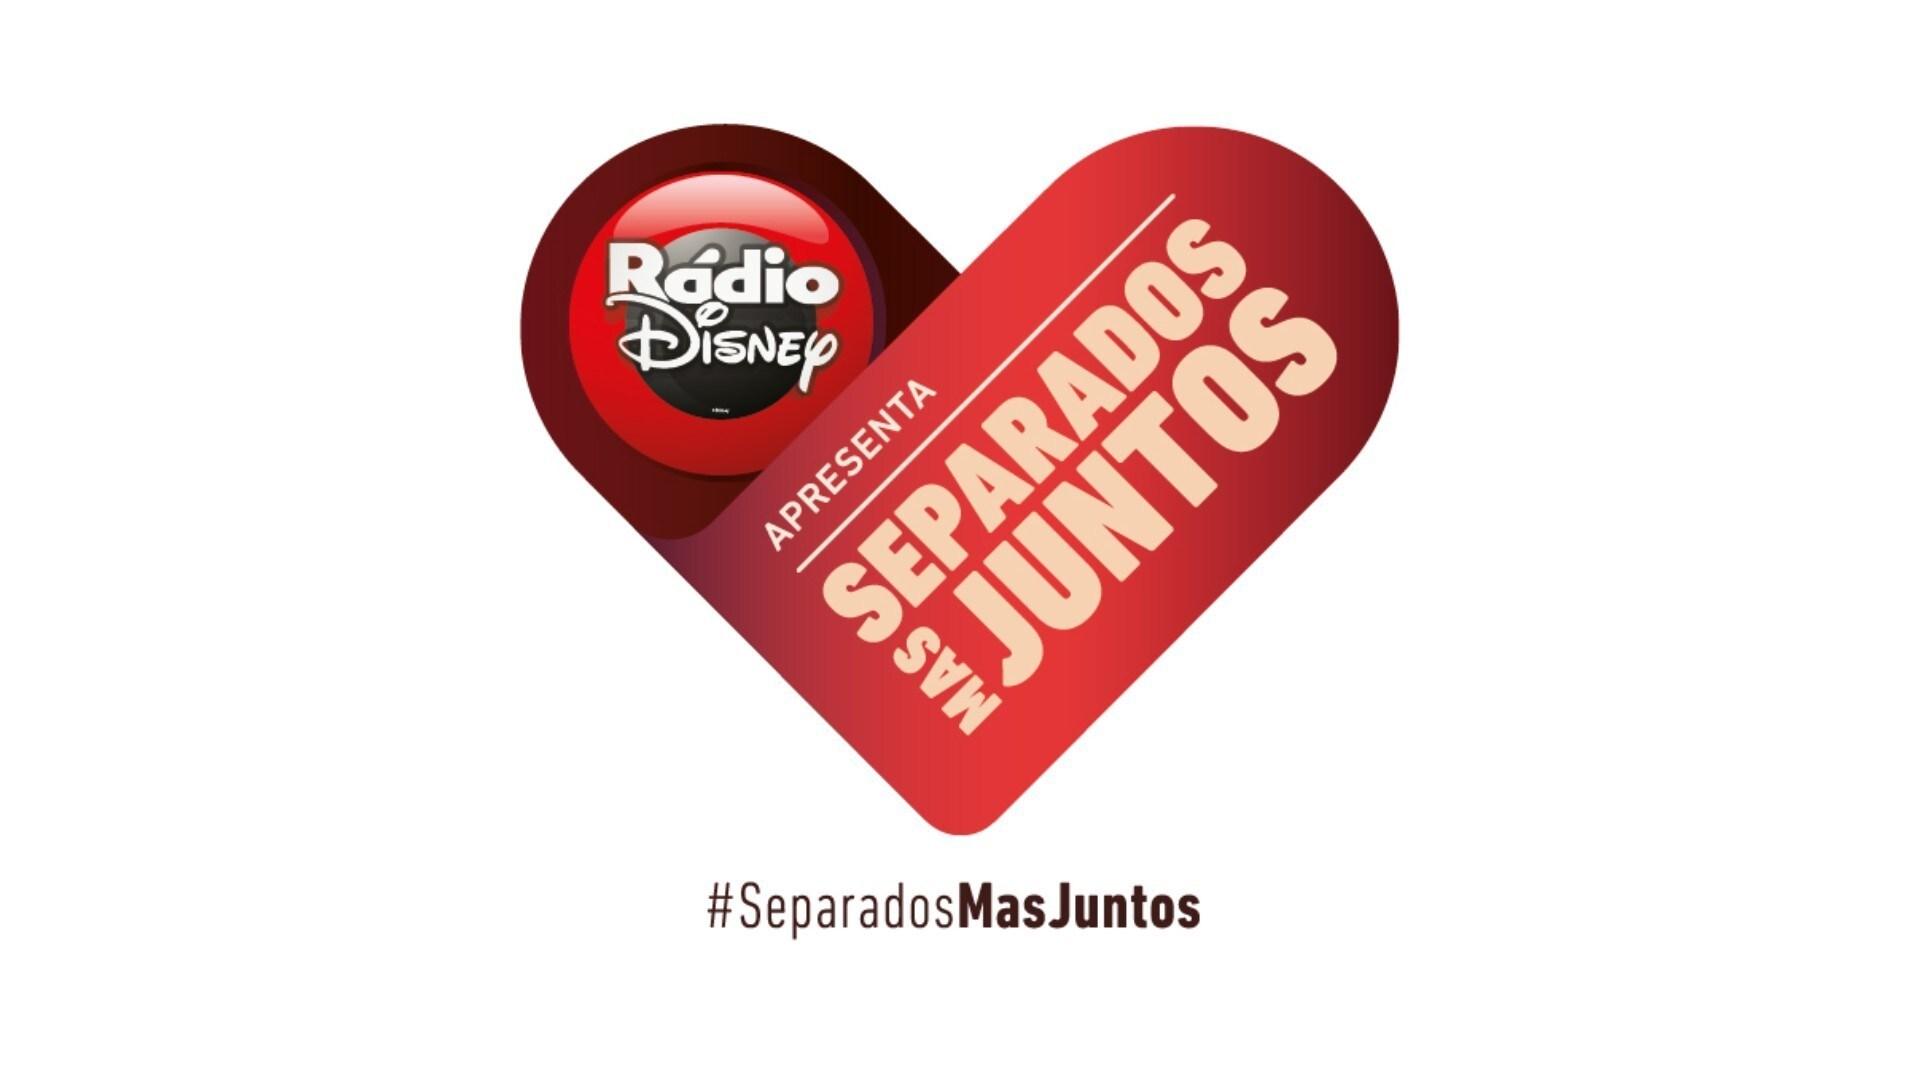 Brasil tendrá su versión de #SeparadosPeroJuntos